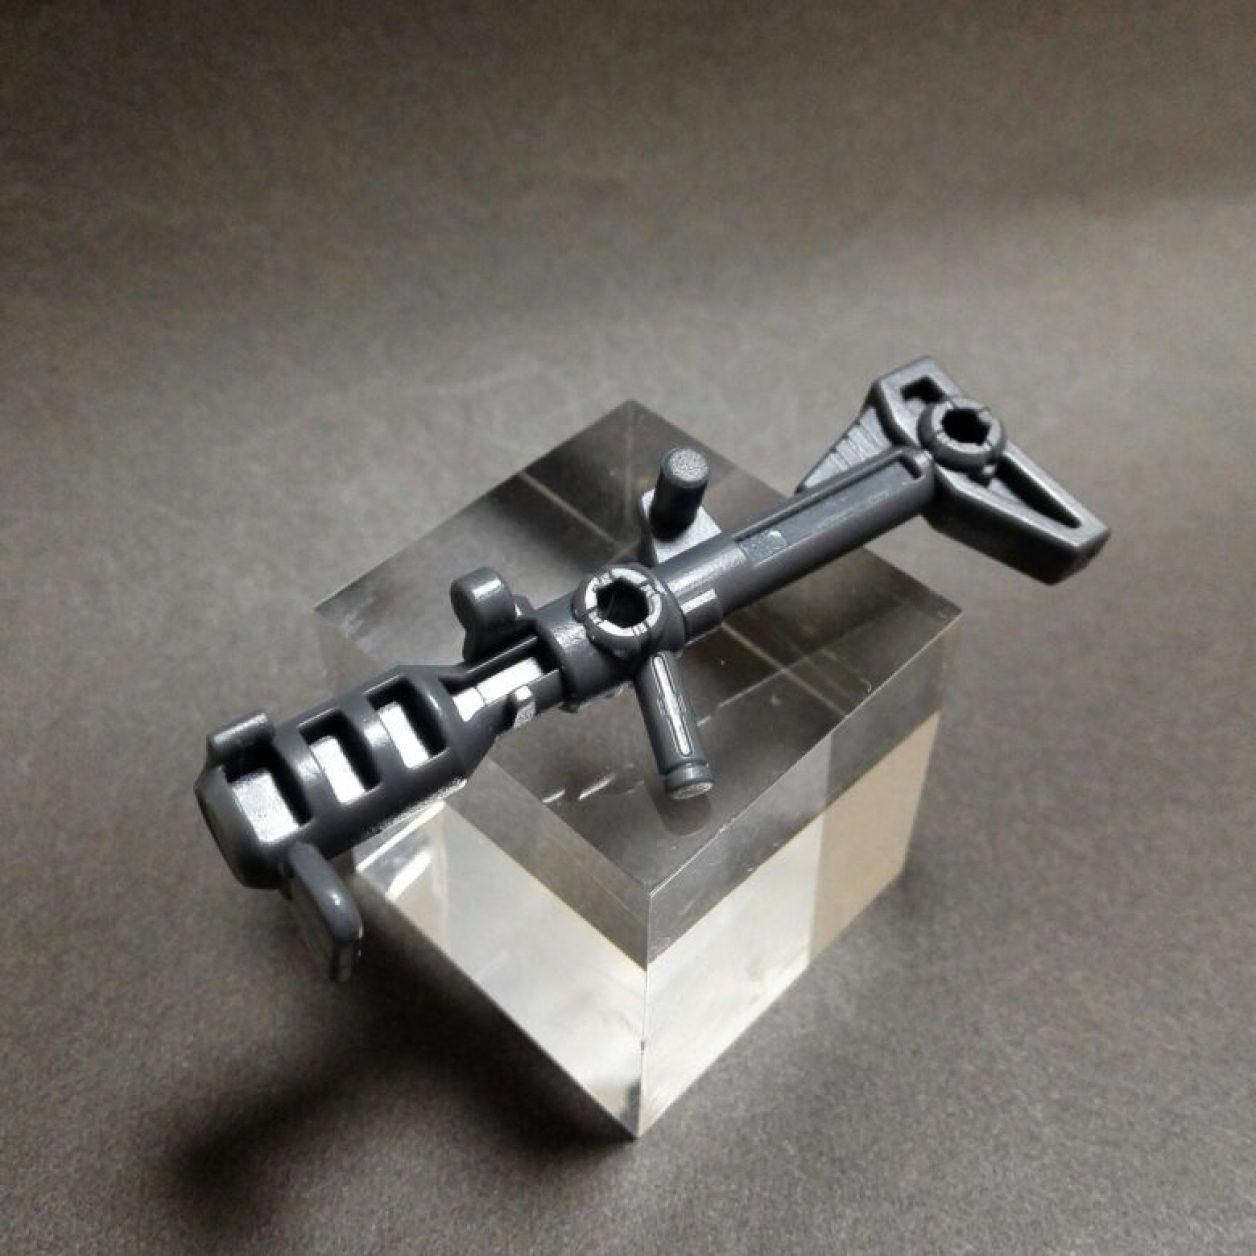 MOBILE SUIT ENSEMBLE(モビルスーツアンサンブル)12弾の高機動型ザクII(黒い三連星仕様)の初期武装のジャイアントバズーカの画像